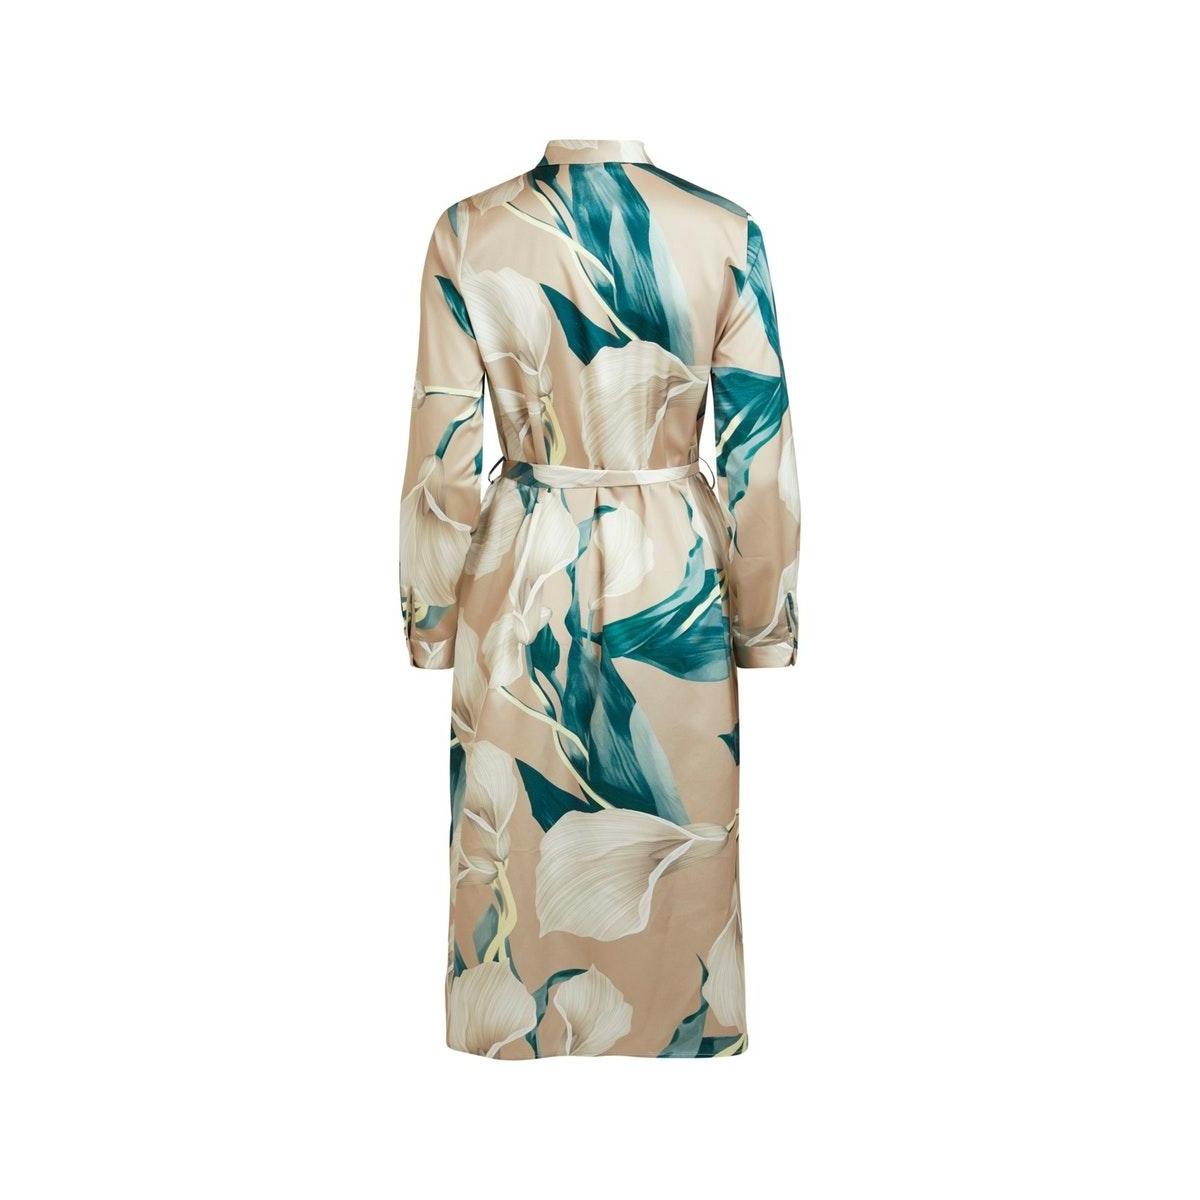 objfania l/s long shirt dress a q 23033013 object jurk humus/lily